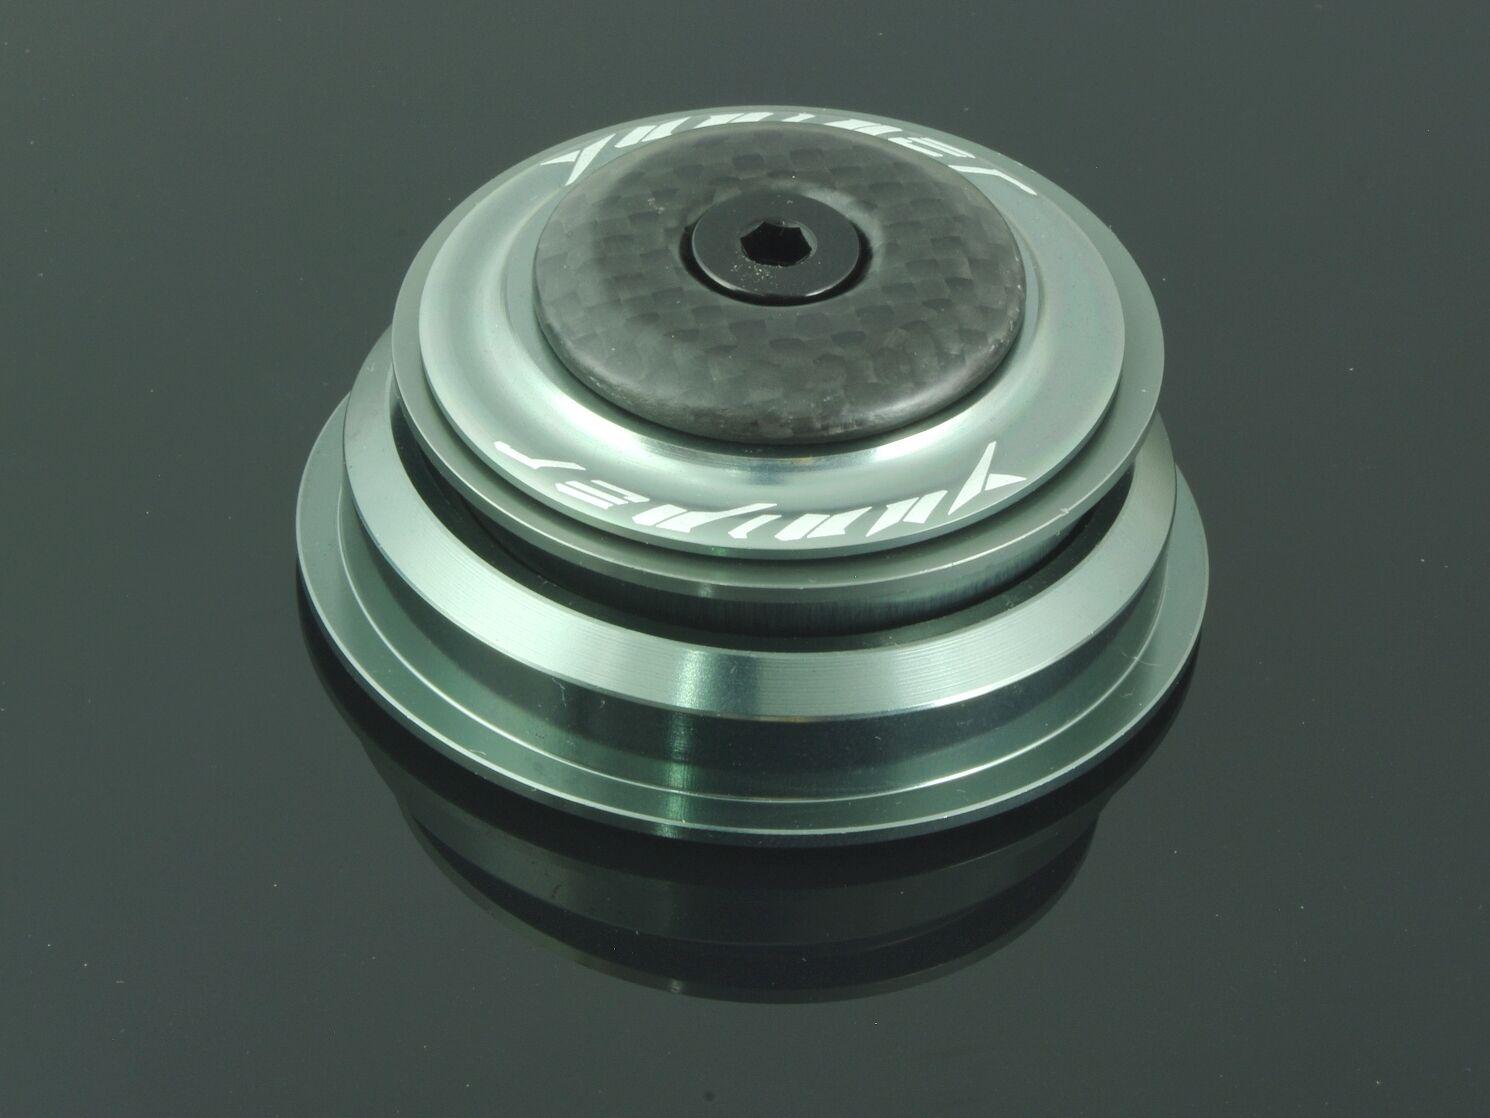 YUNIPER Tapered Steuersatz Ultralight 87g 1 1 8 auf 1.5 grey Carbon 56mm leicht